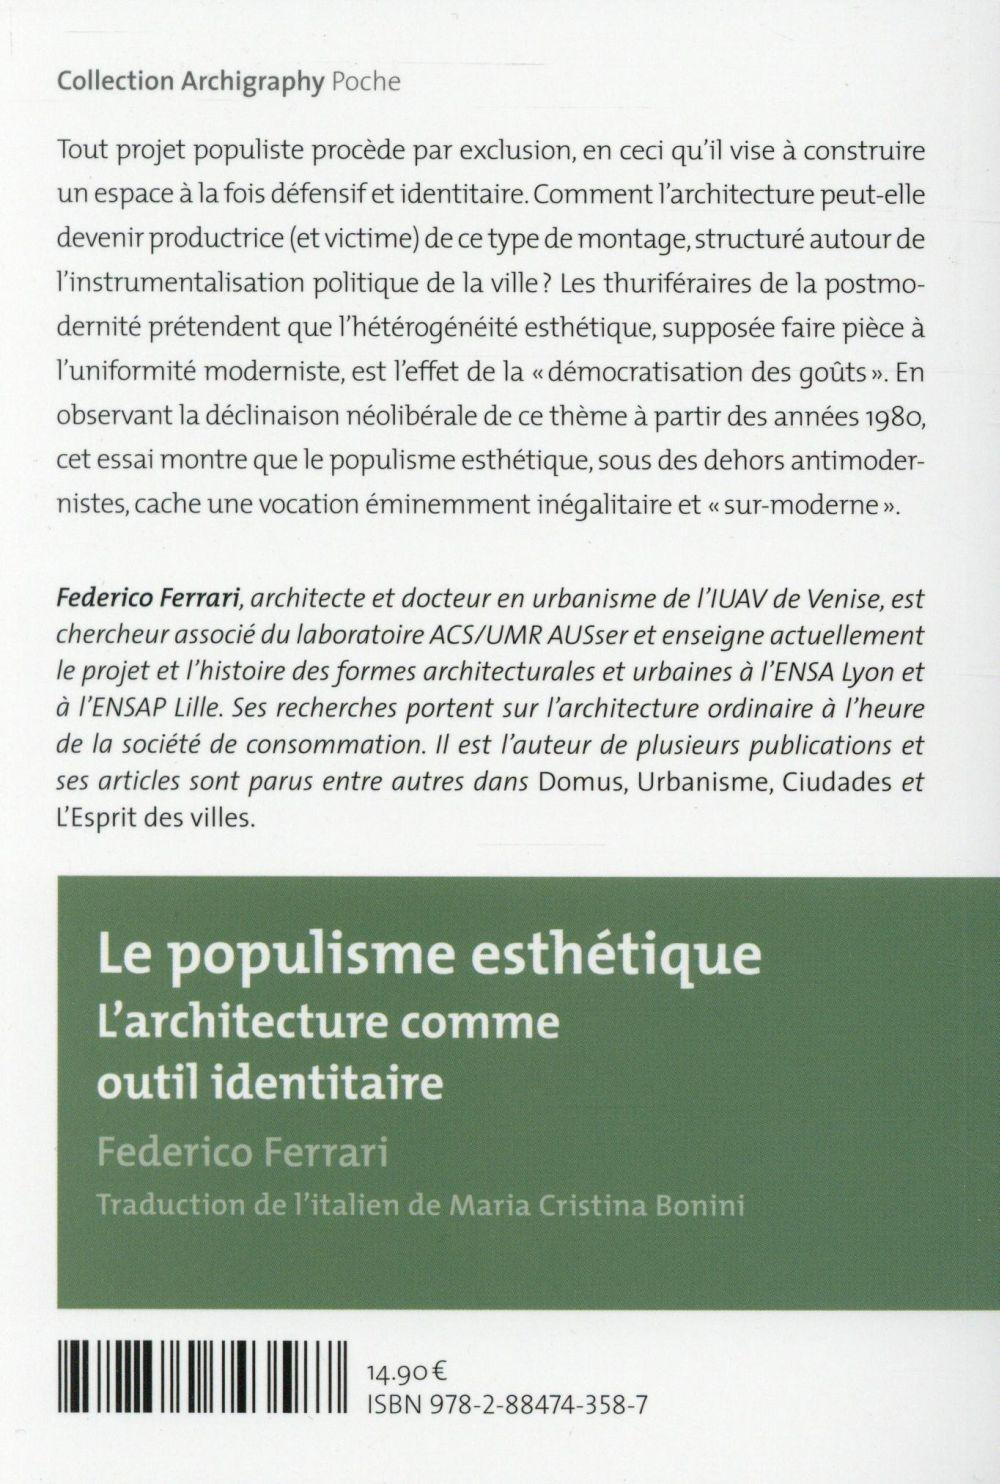 Le populisme esthétique ; l'architecture comme outil identitaire